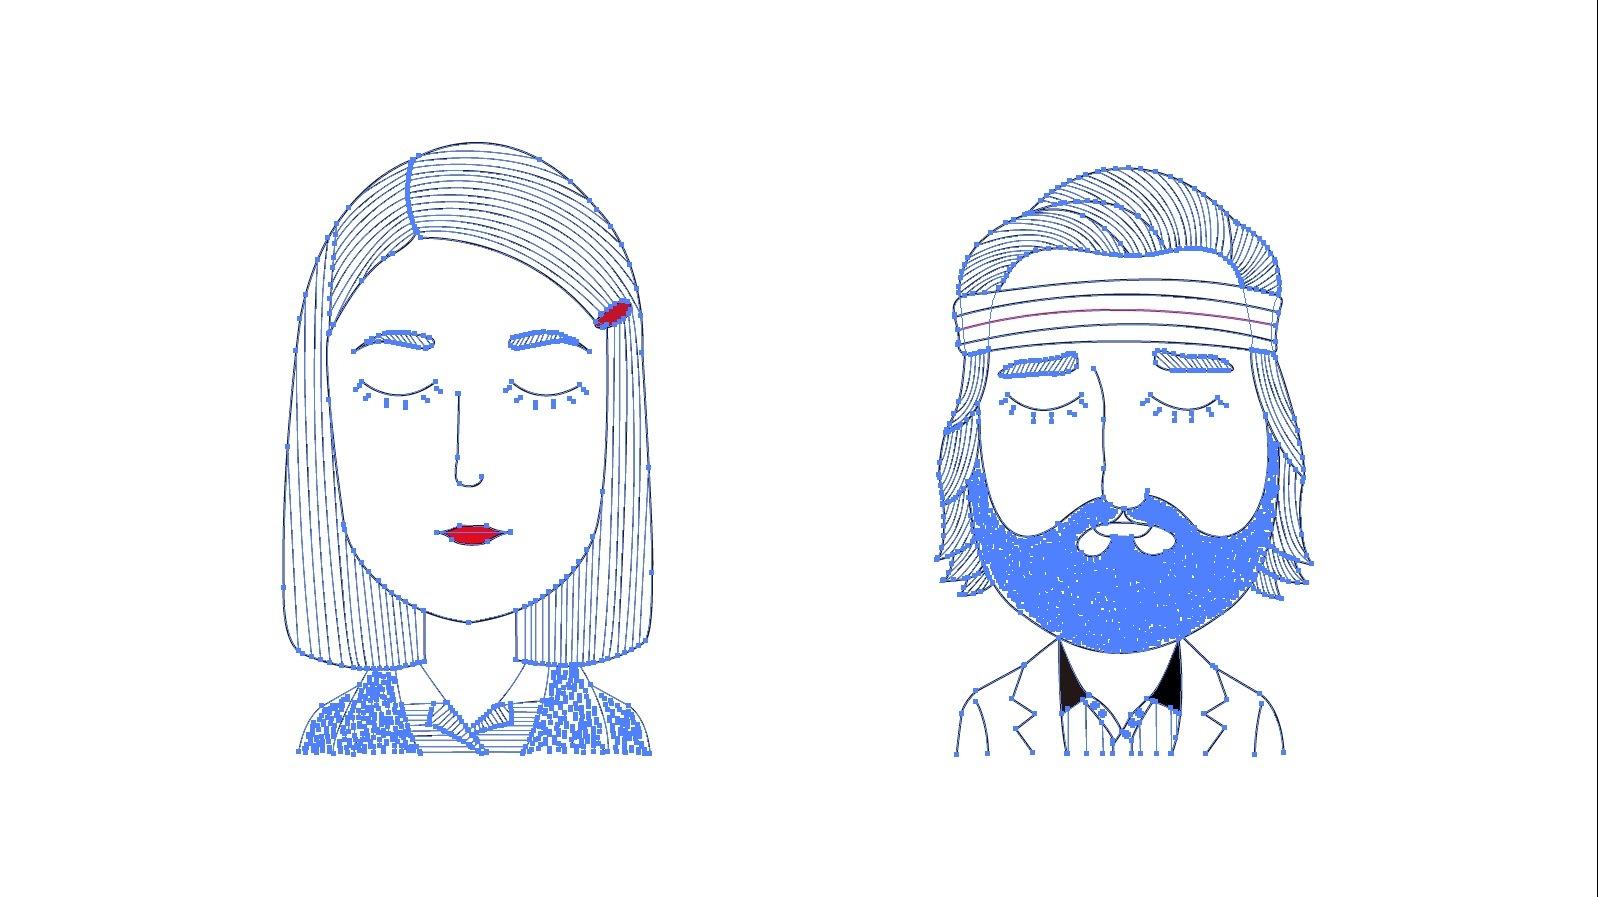 情侣头像手绘|平面|图案|sya_sun - 原创作品 - 站酷